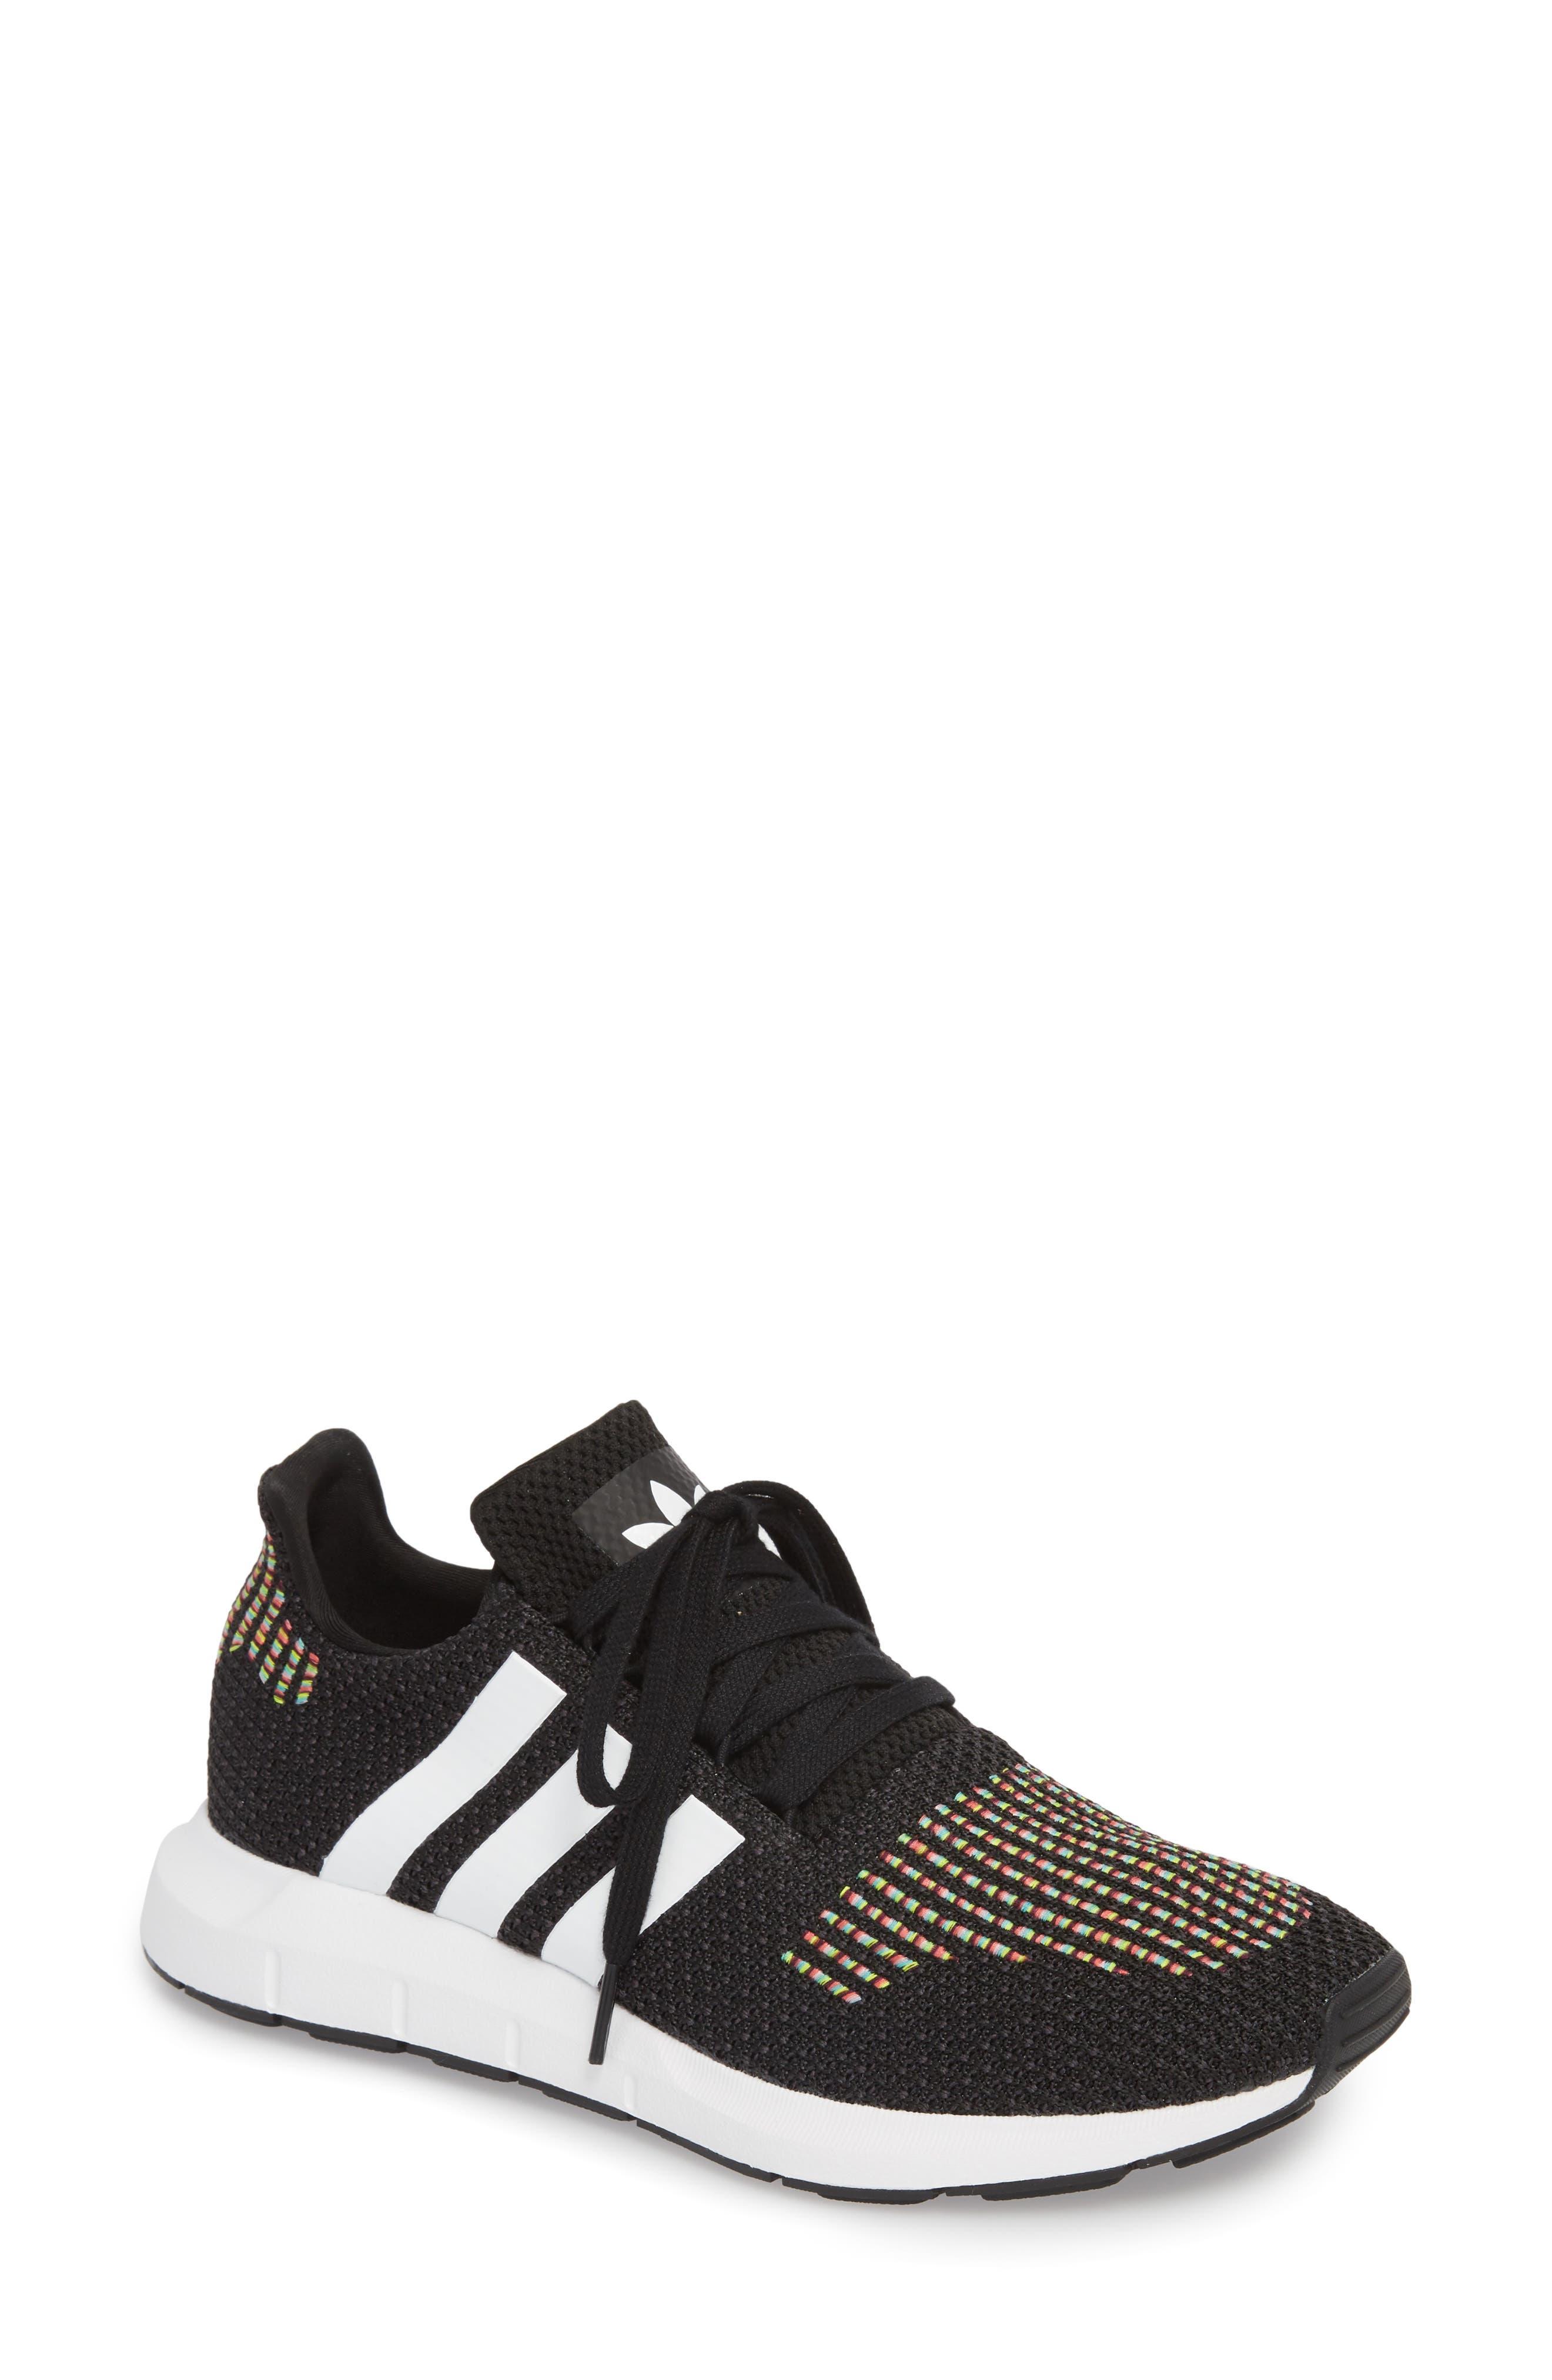 Swift Run Sneaker,                         Main,                         color, Core Black/ White/ Core Black